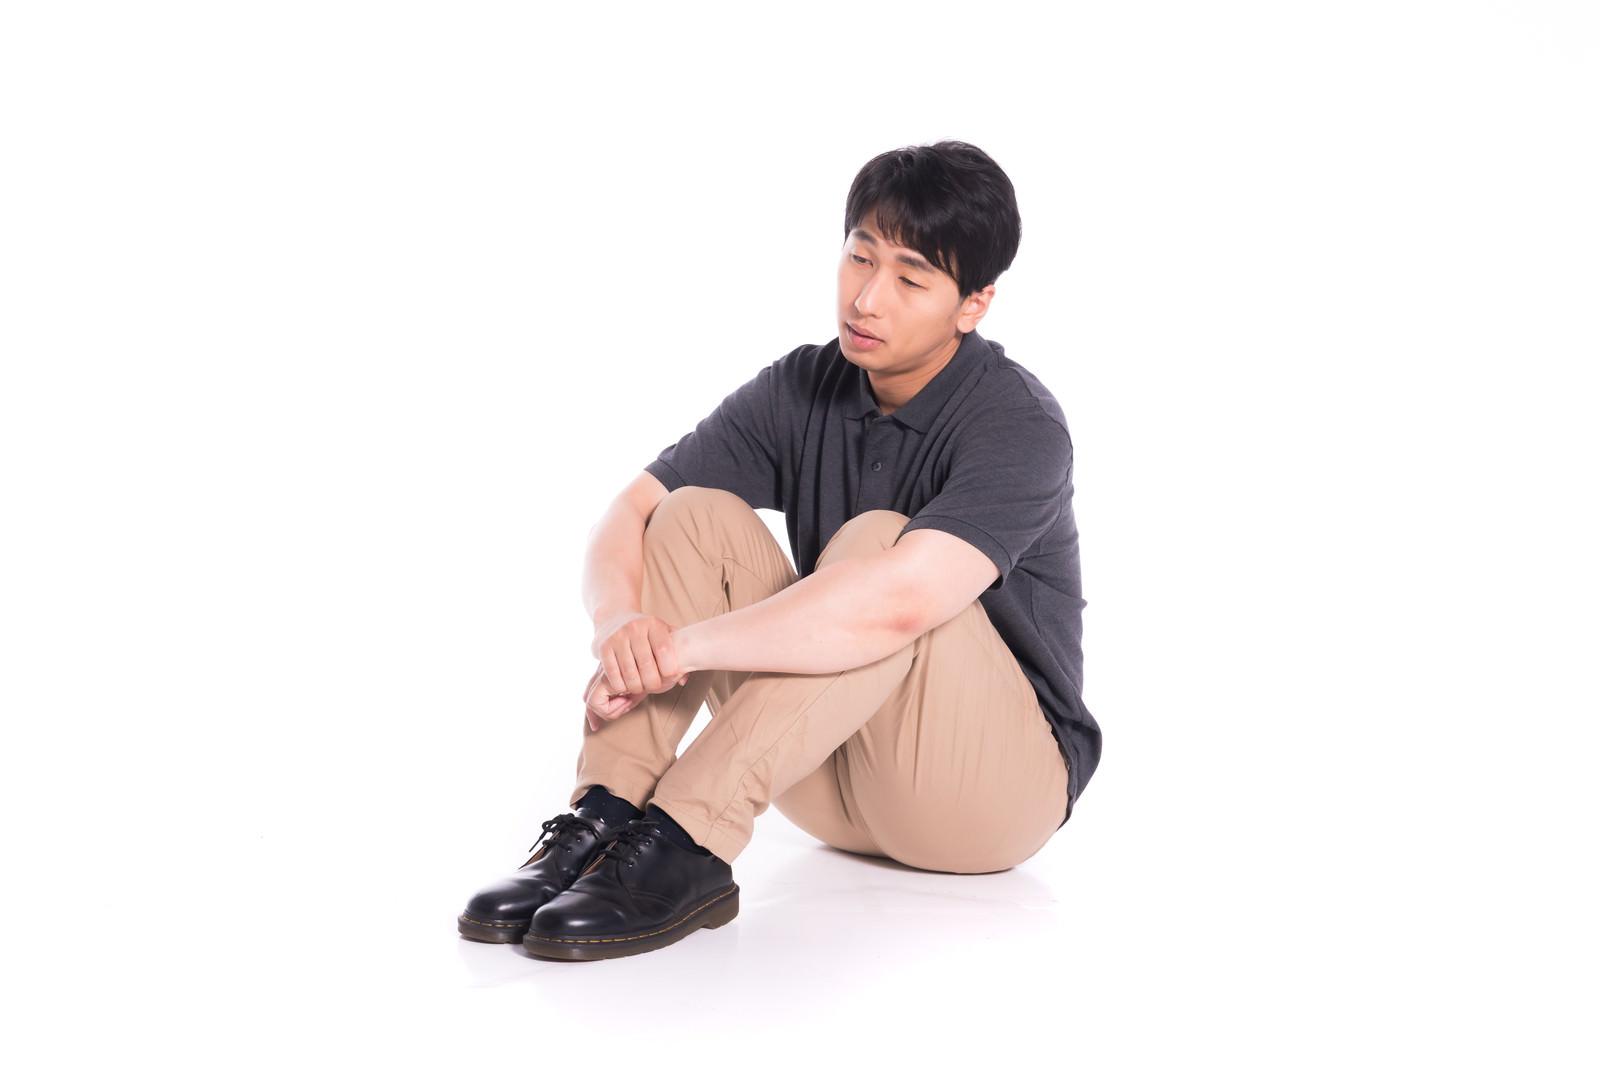 「体育座りで途方に暮れる男性」の写真[モデル:大川竜弥]